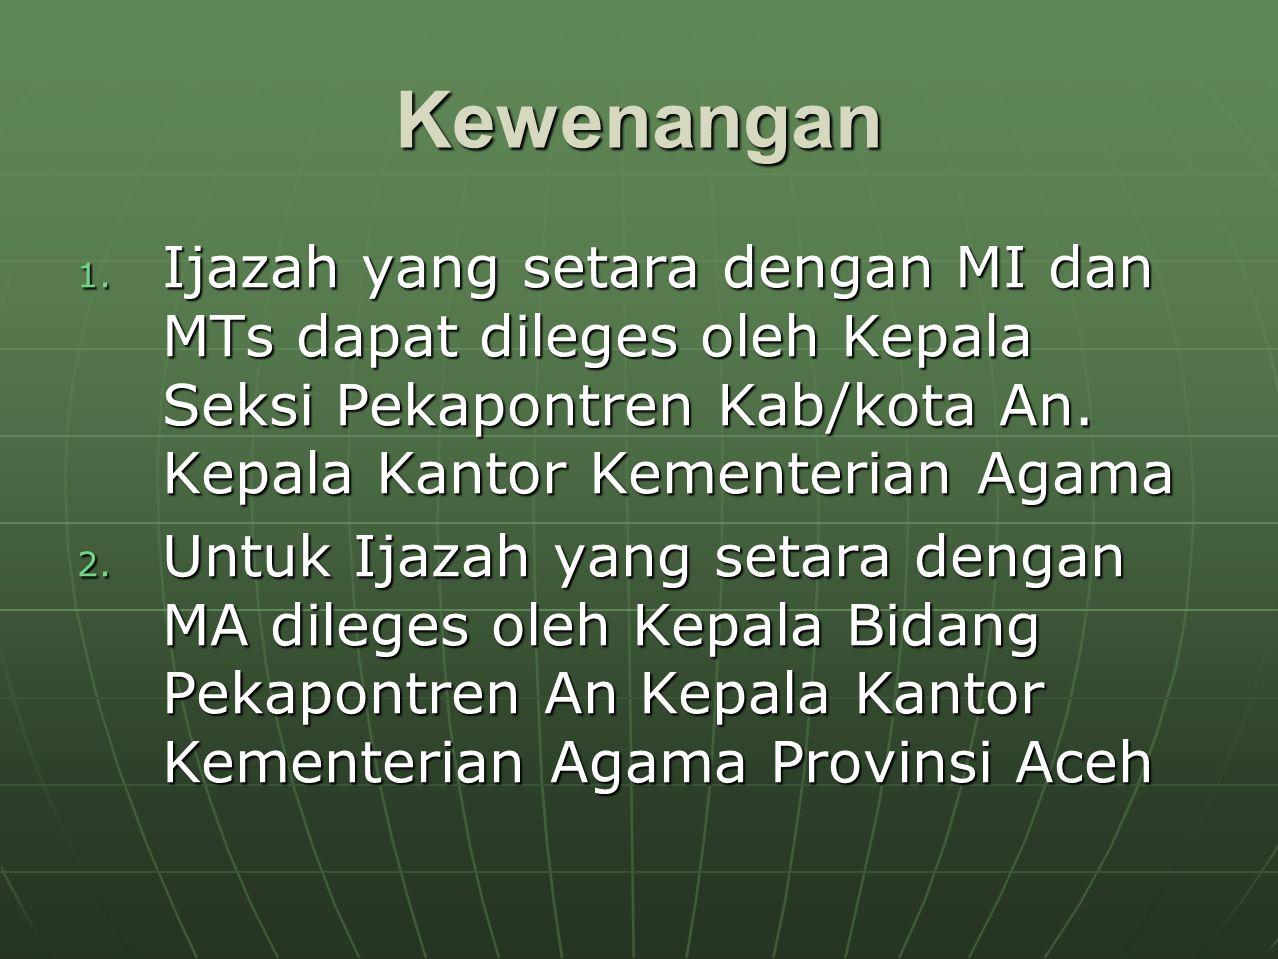 Persyaratan Leges 1.Surat Pernyataan dari Pimpinan Pondok Pesantren (Materai) 2.